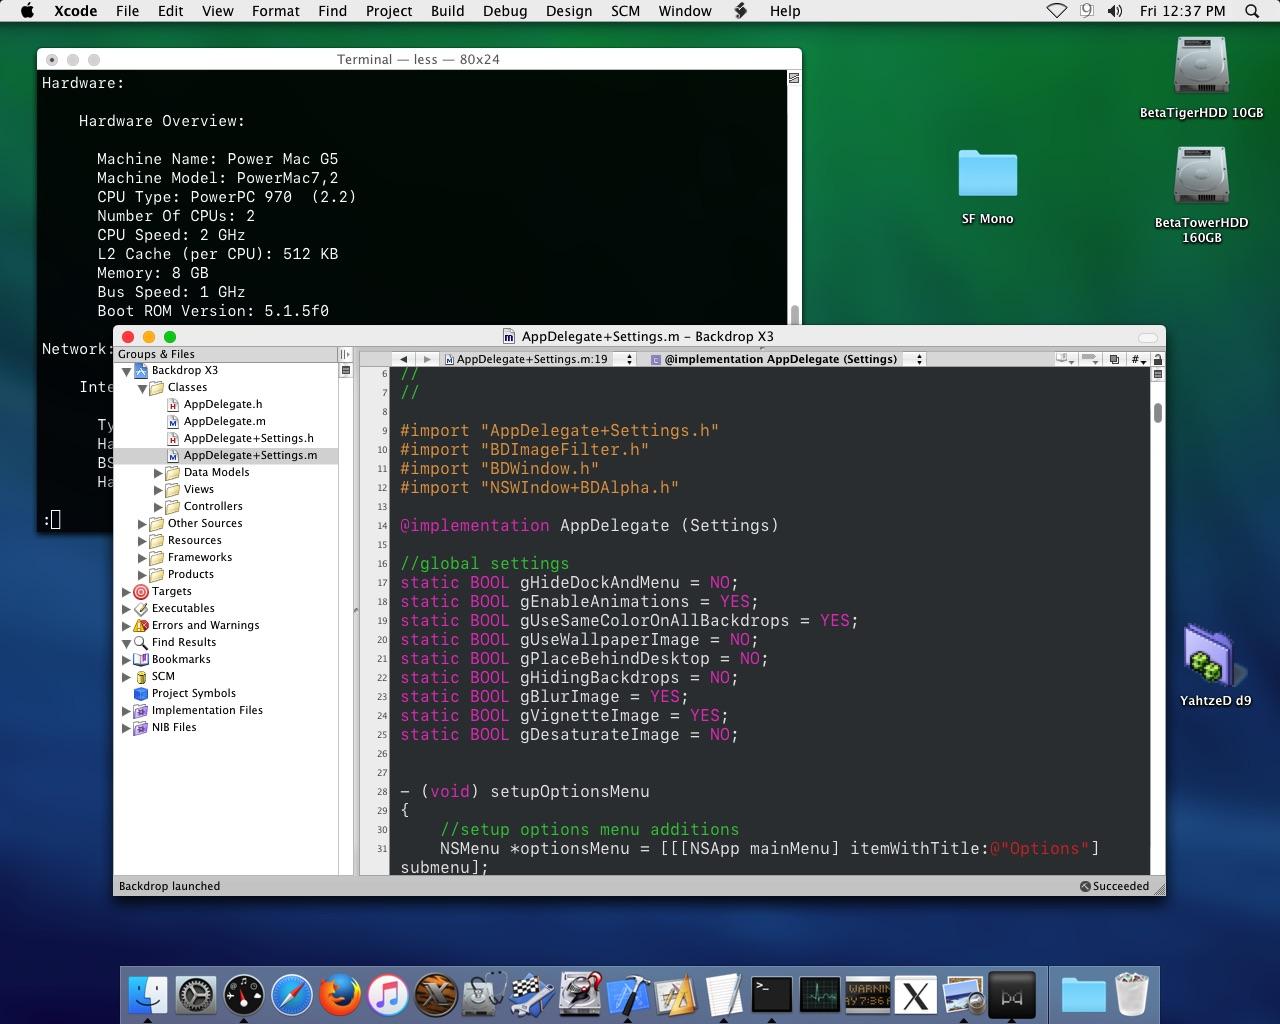 TigerXcode25-SFMono2.jpg